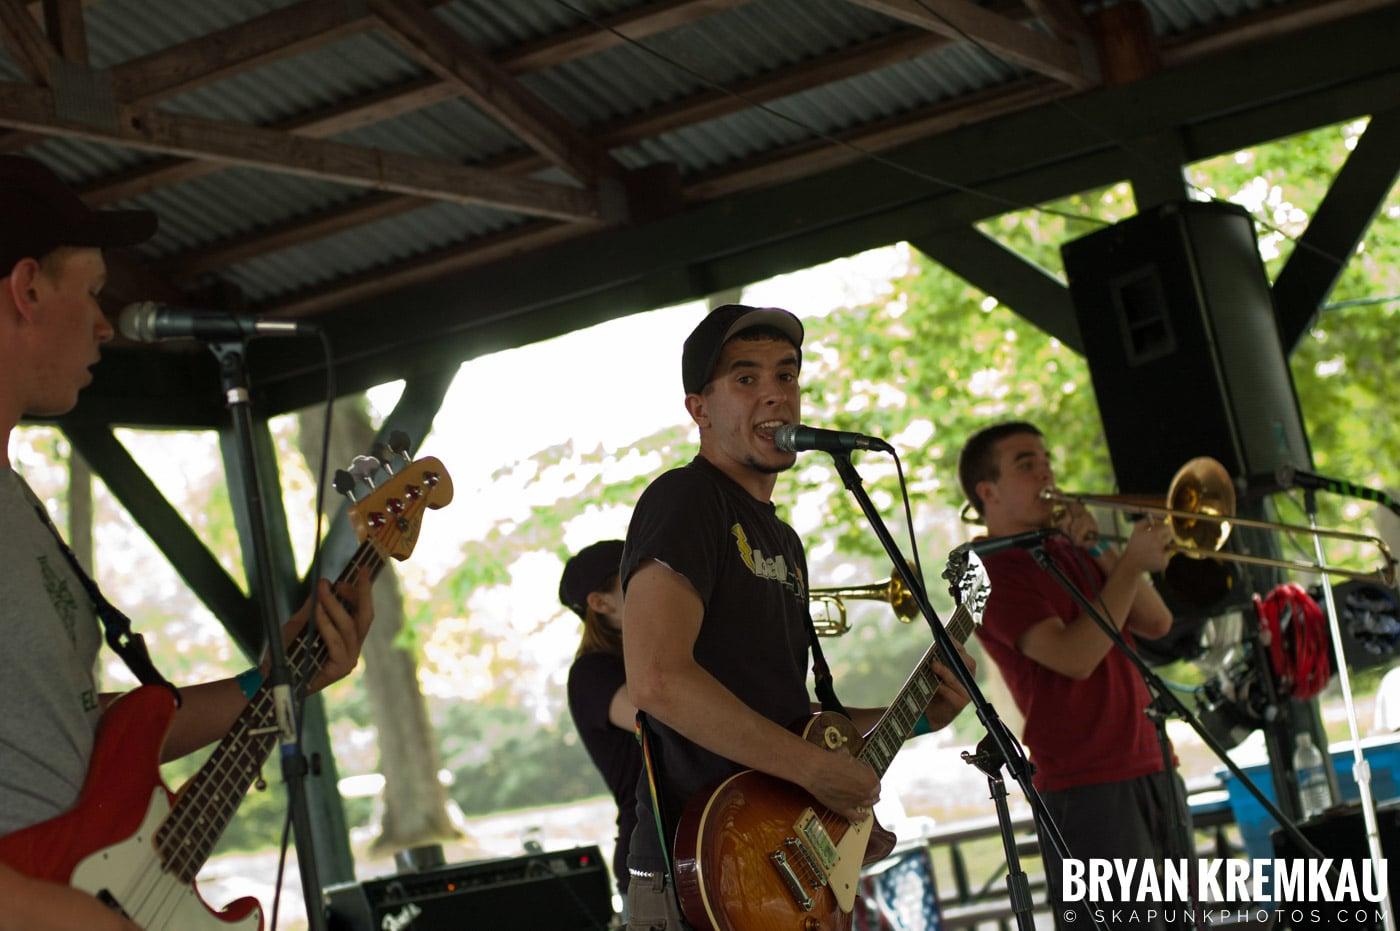 Alto Sound Fiasco @ The Big Orange Bonanza, Circleville, NY - 6.2.07 (6)